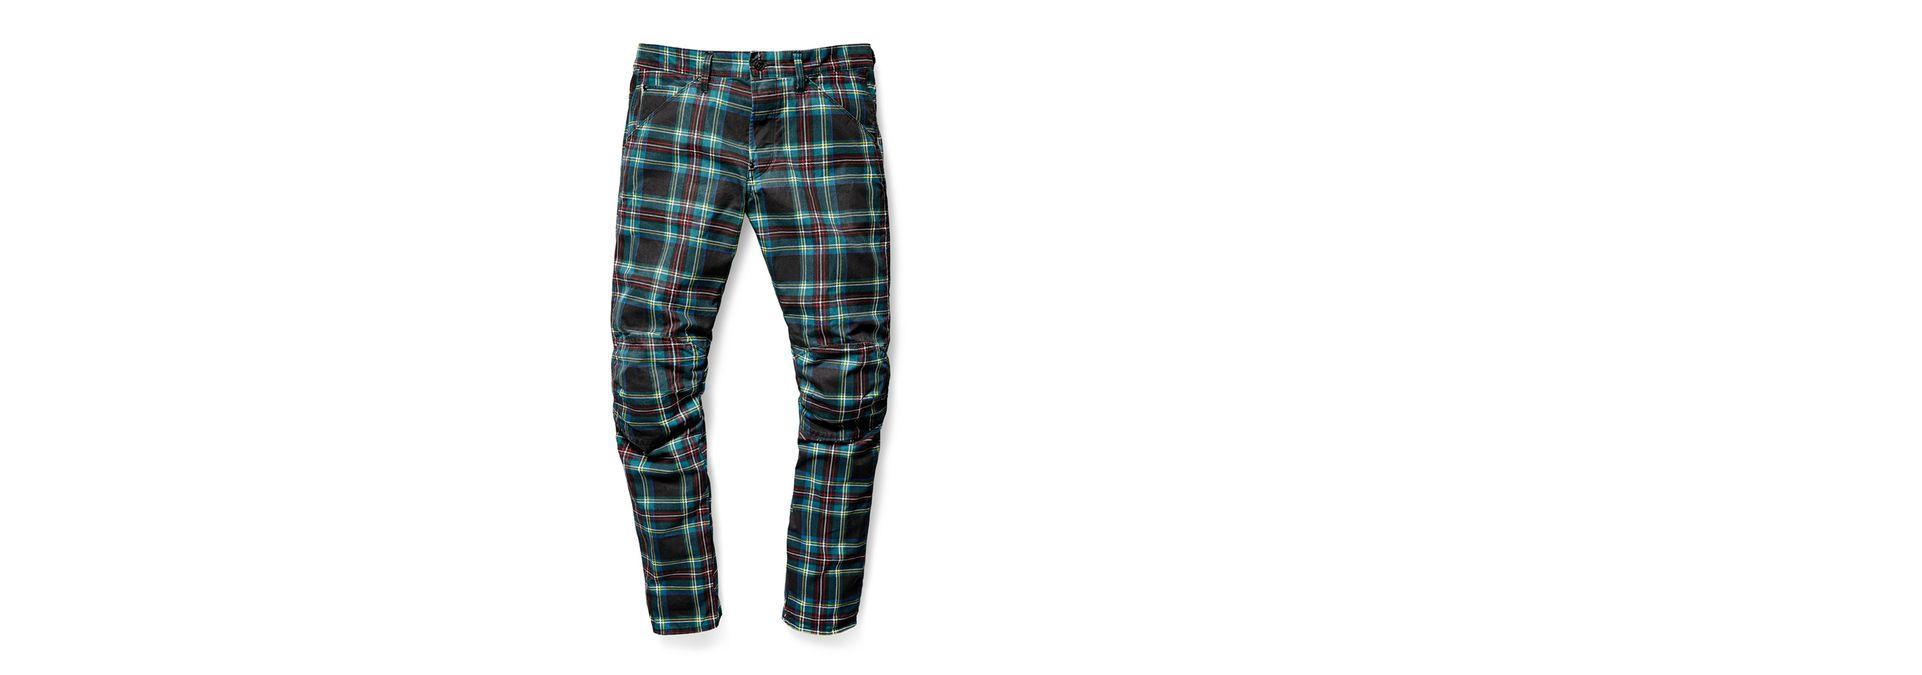 G-Star RAW Pharrell Williams x G-Star Elwood X25 3D Tapered Men s Jeans ... 8771e3862b7d